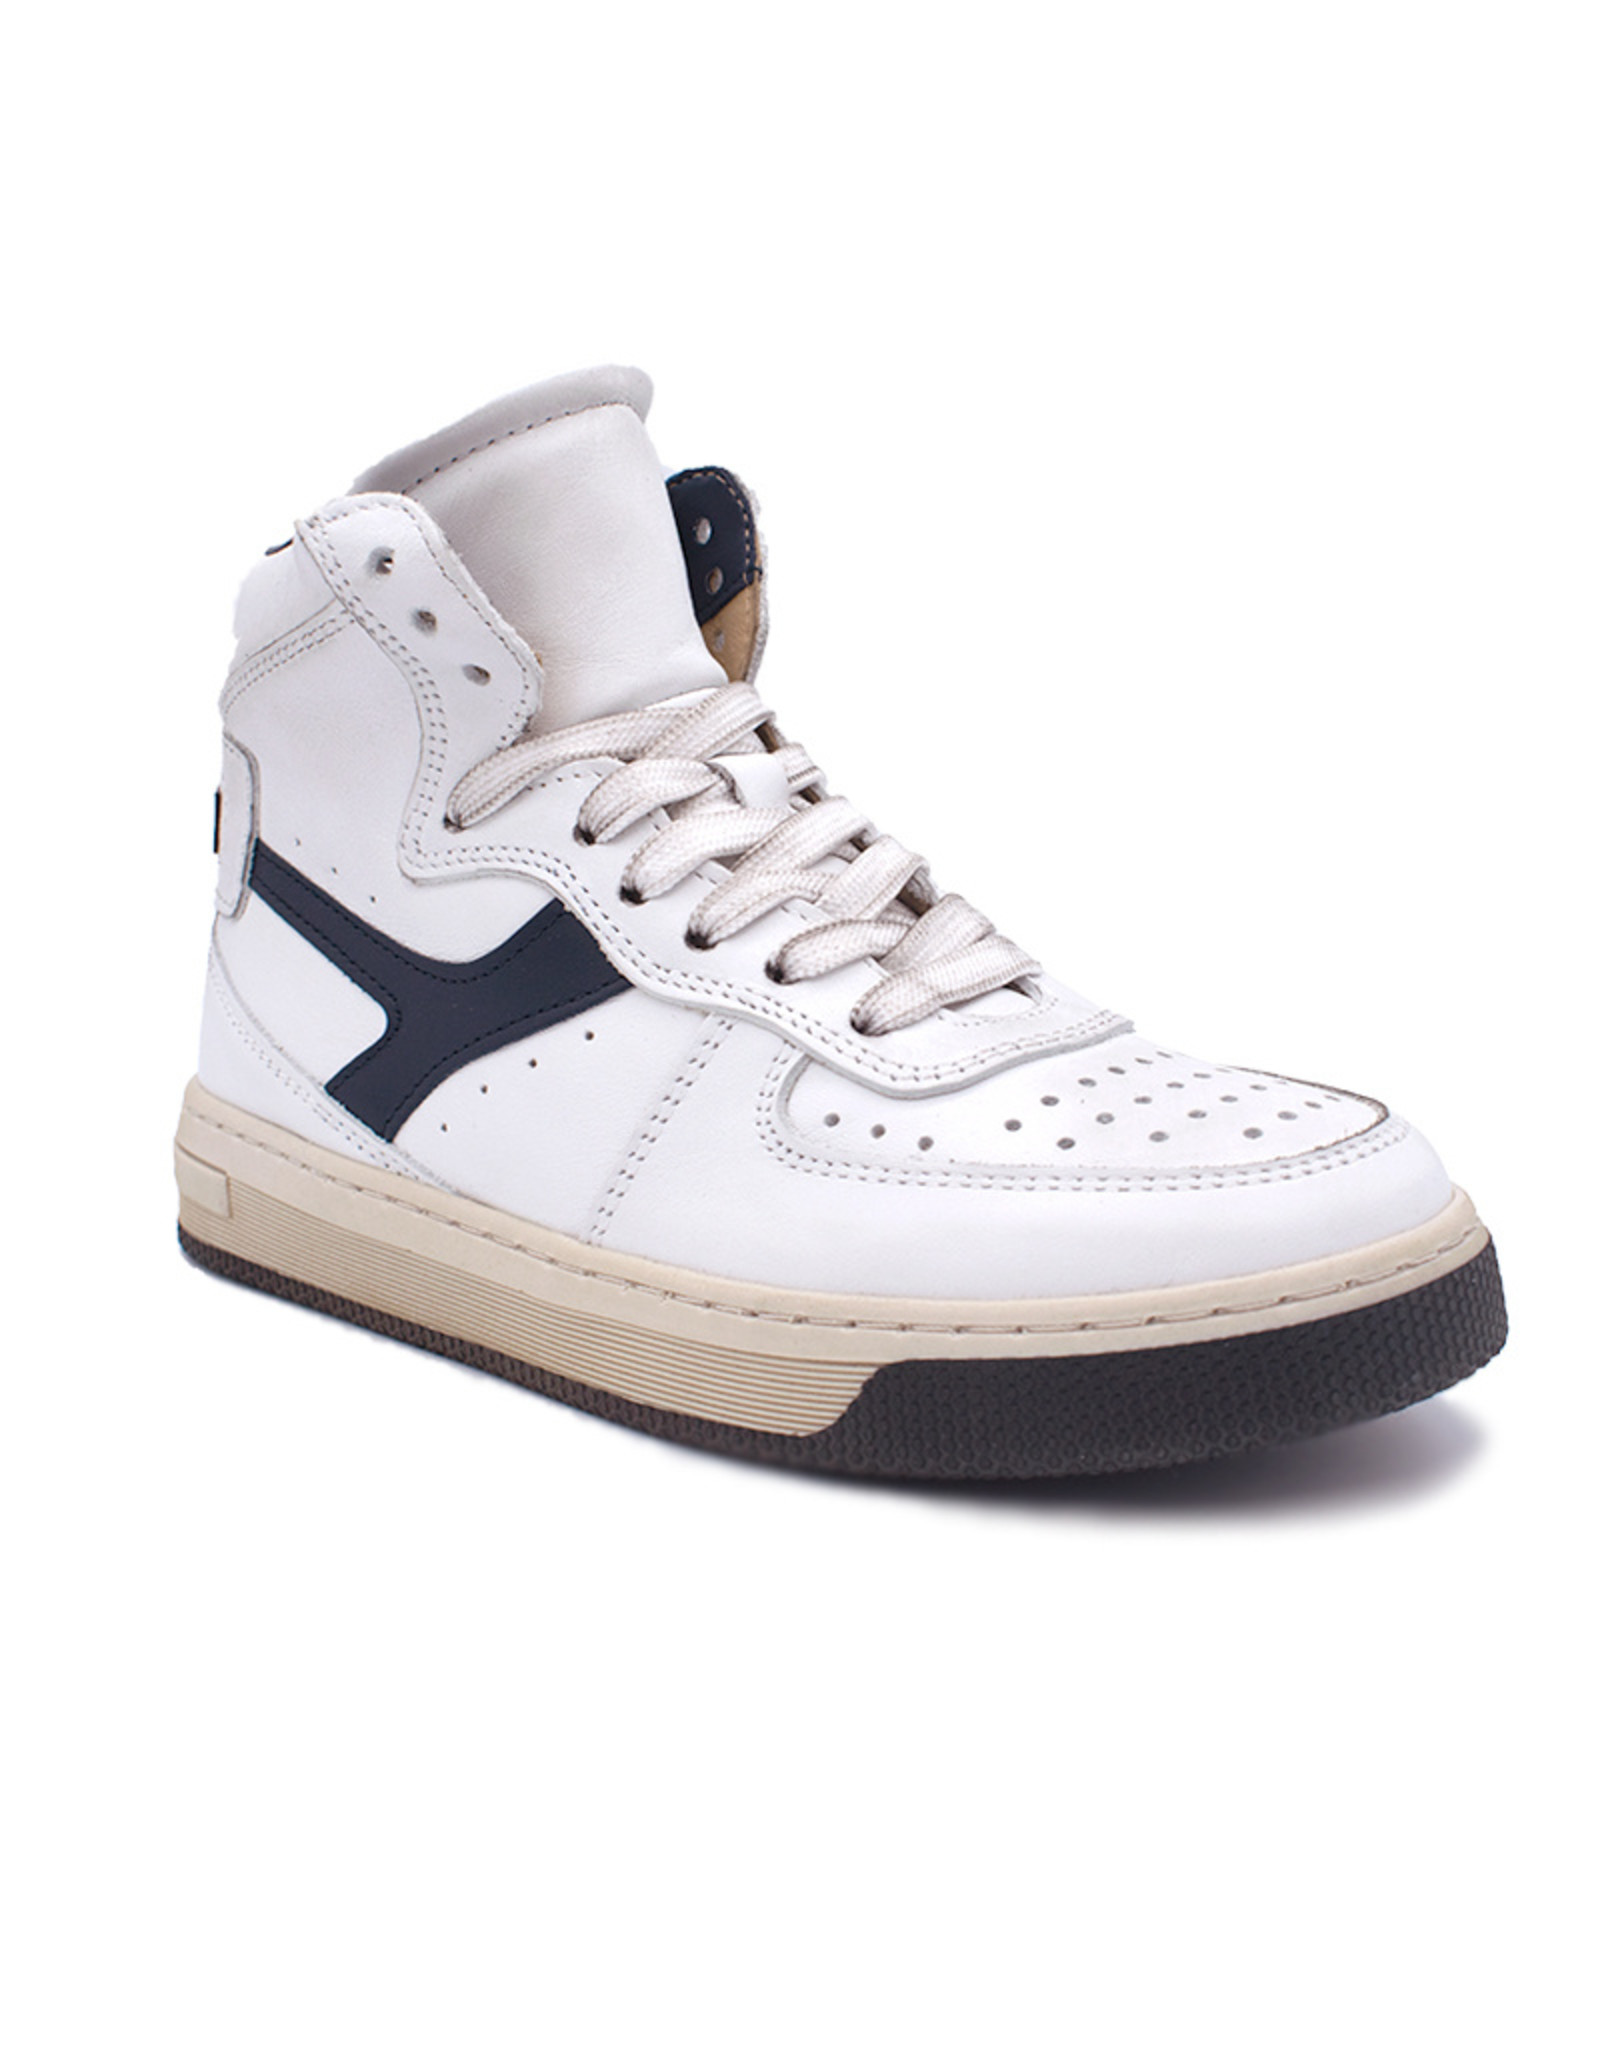 HIP HIP hoge sneaker wit blauw veters